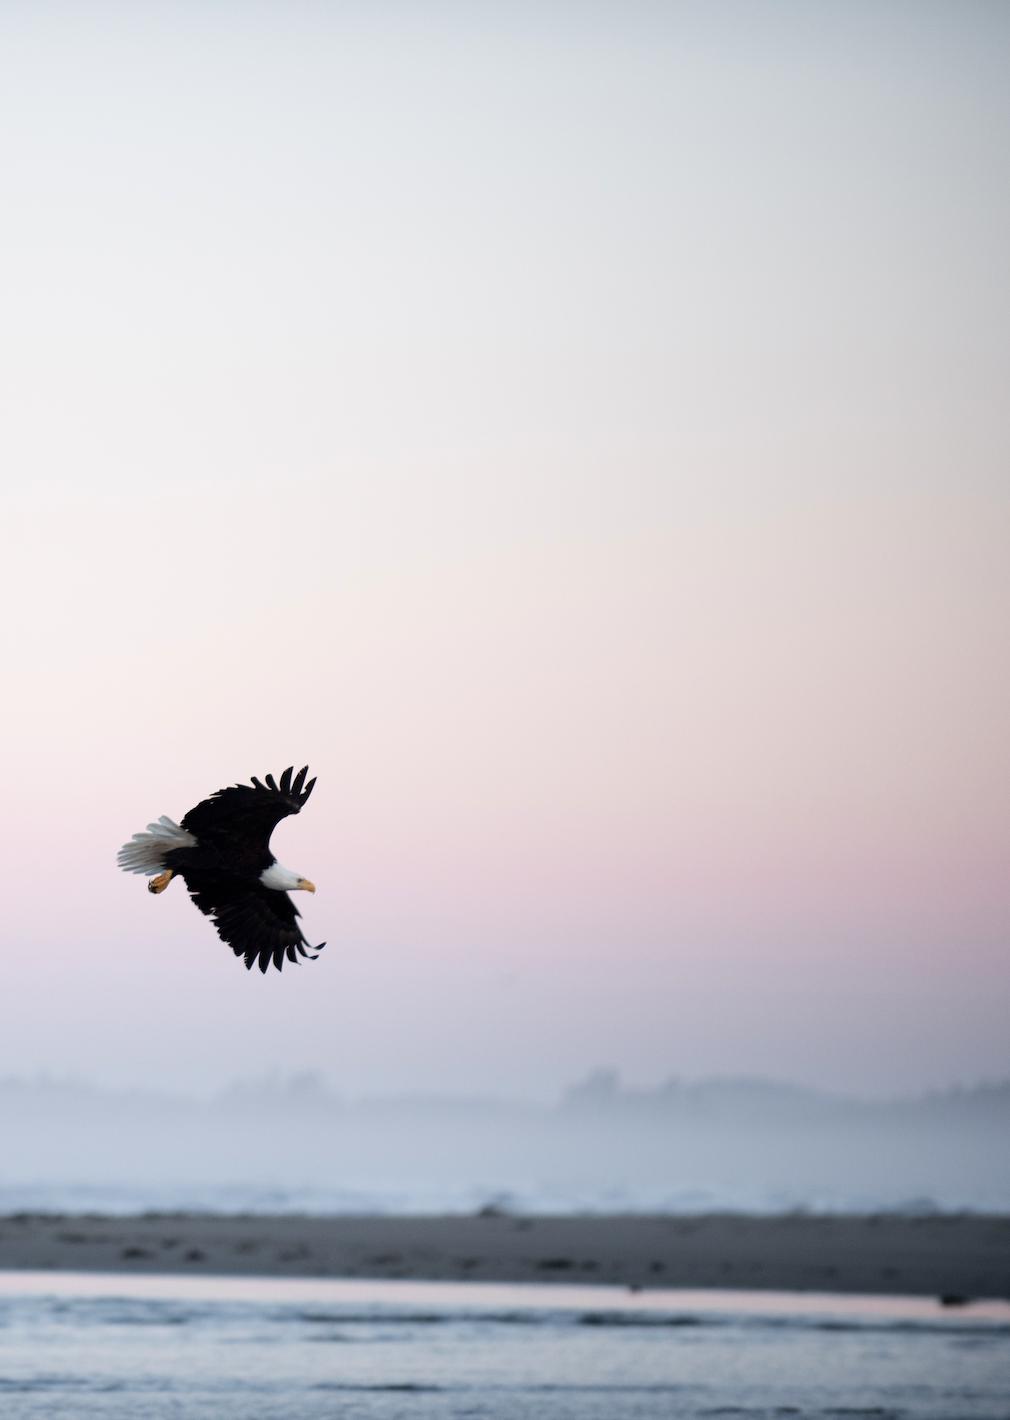 Eagle May 2019